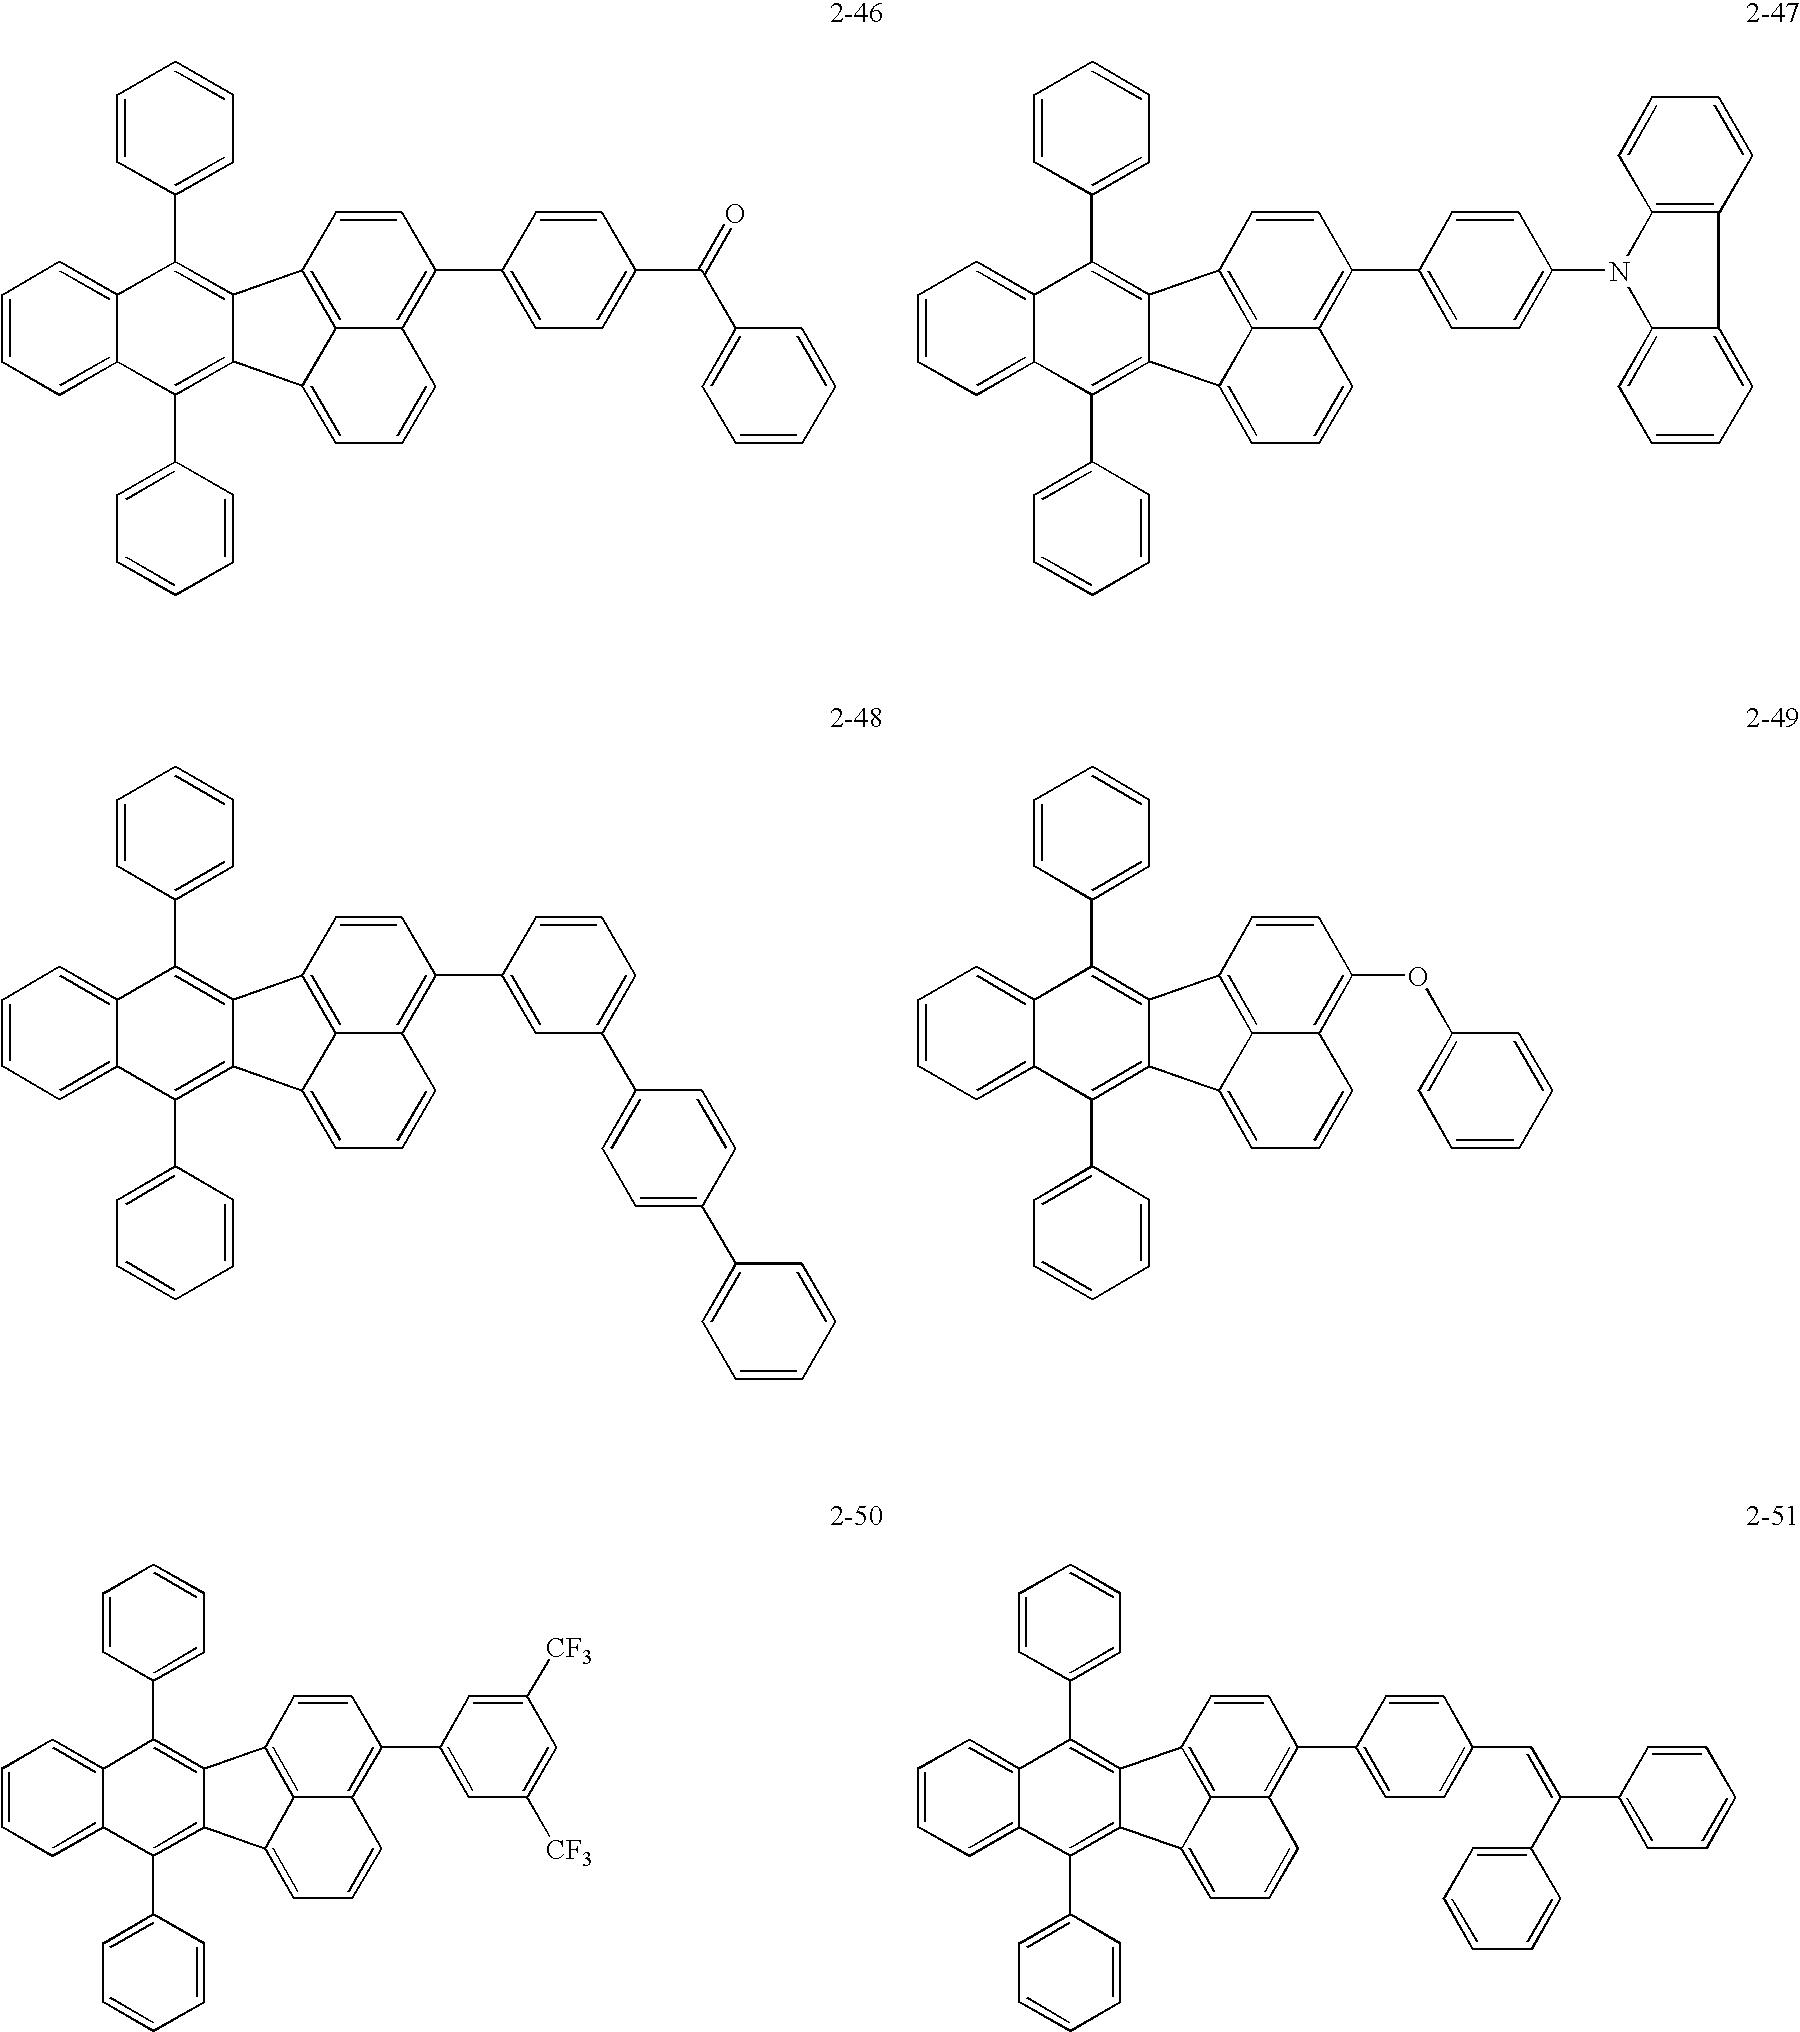 Figure US20100171109A1-20100708-C00262